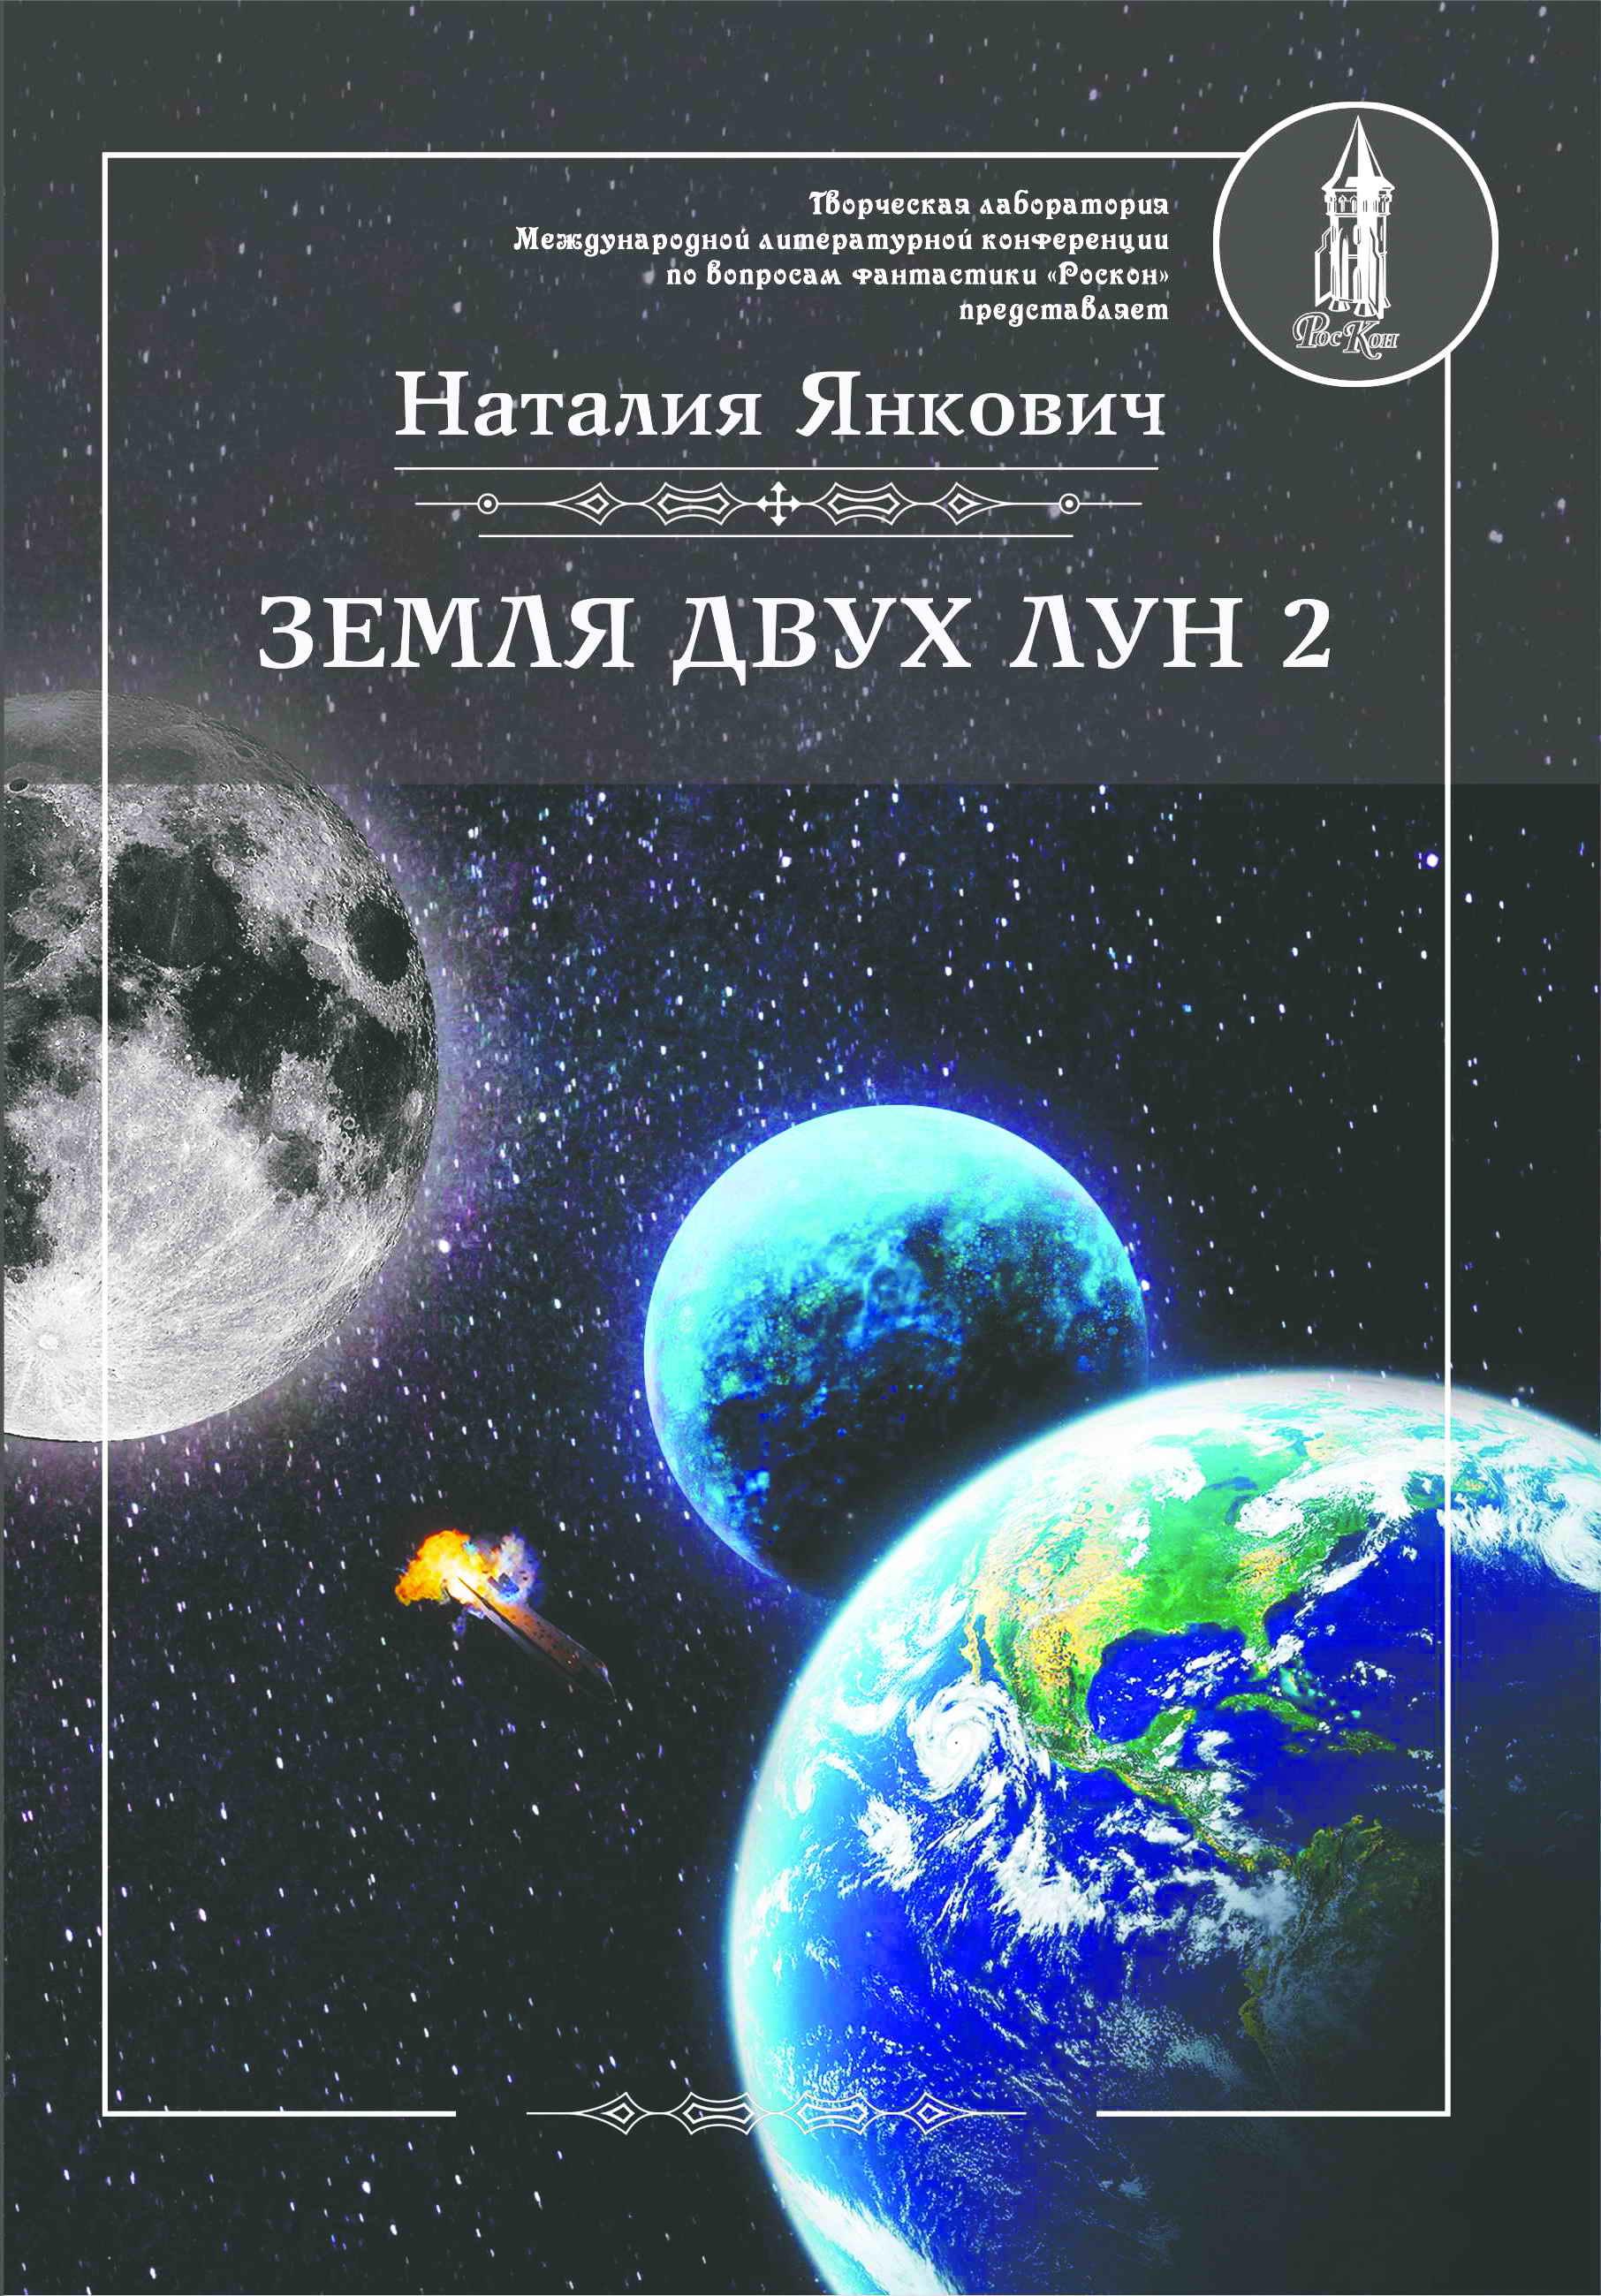 7 Zemlya 2h lun 2